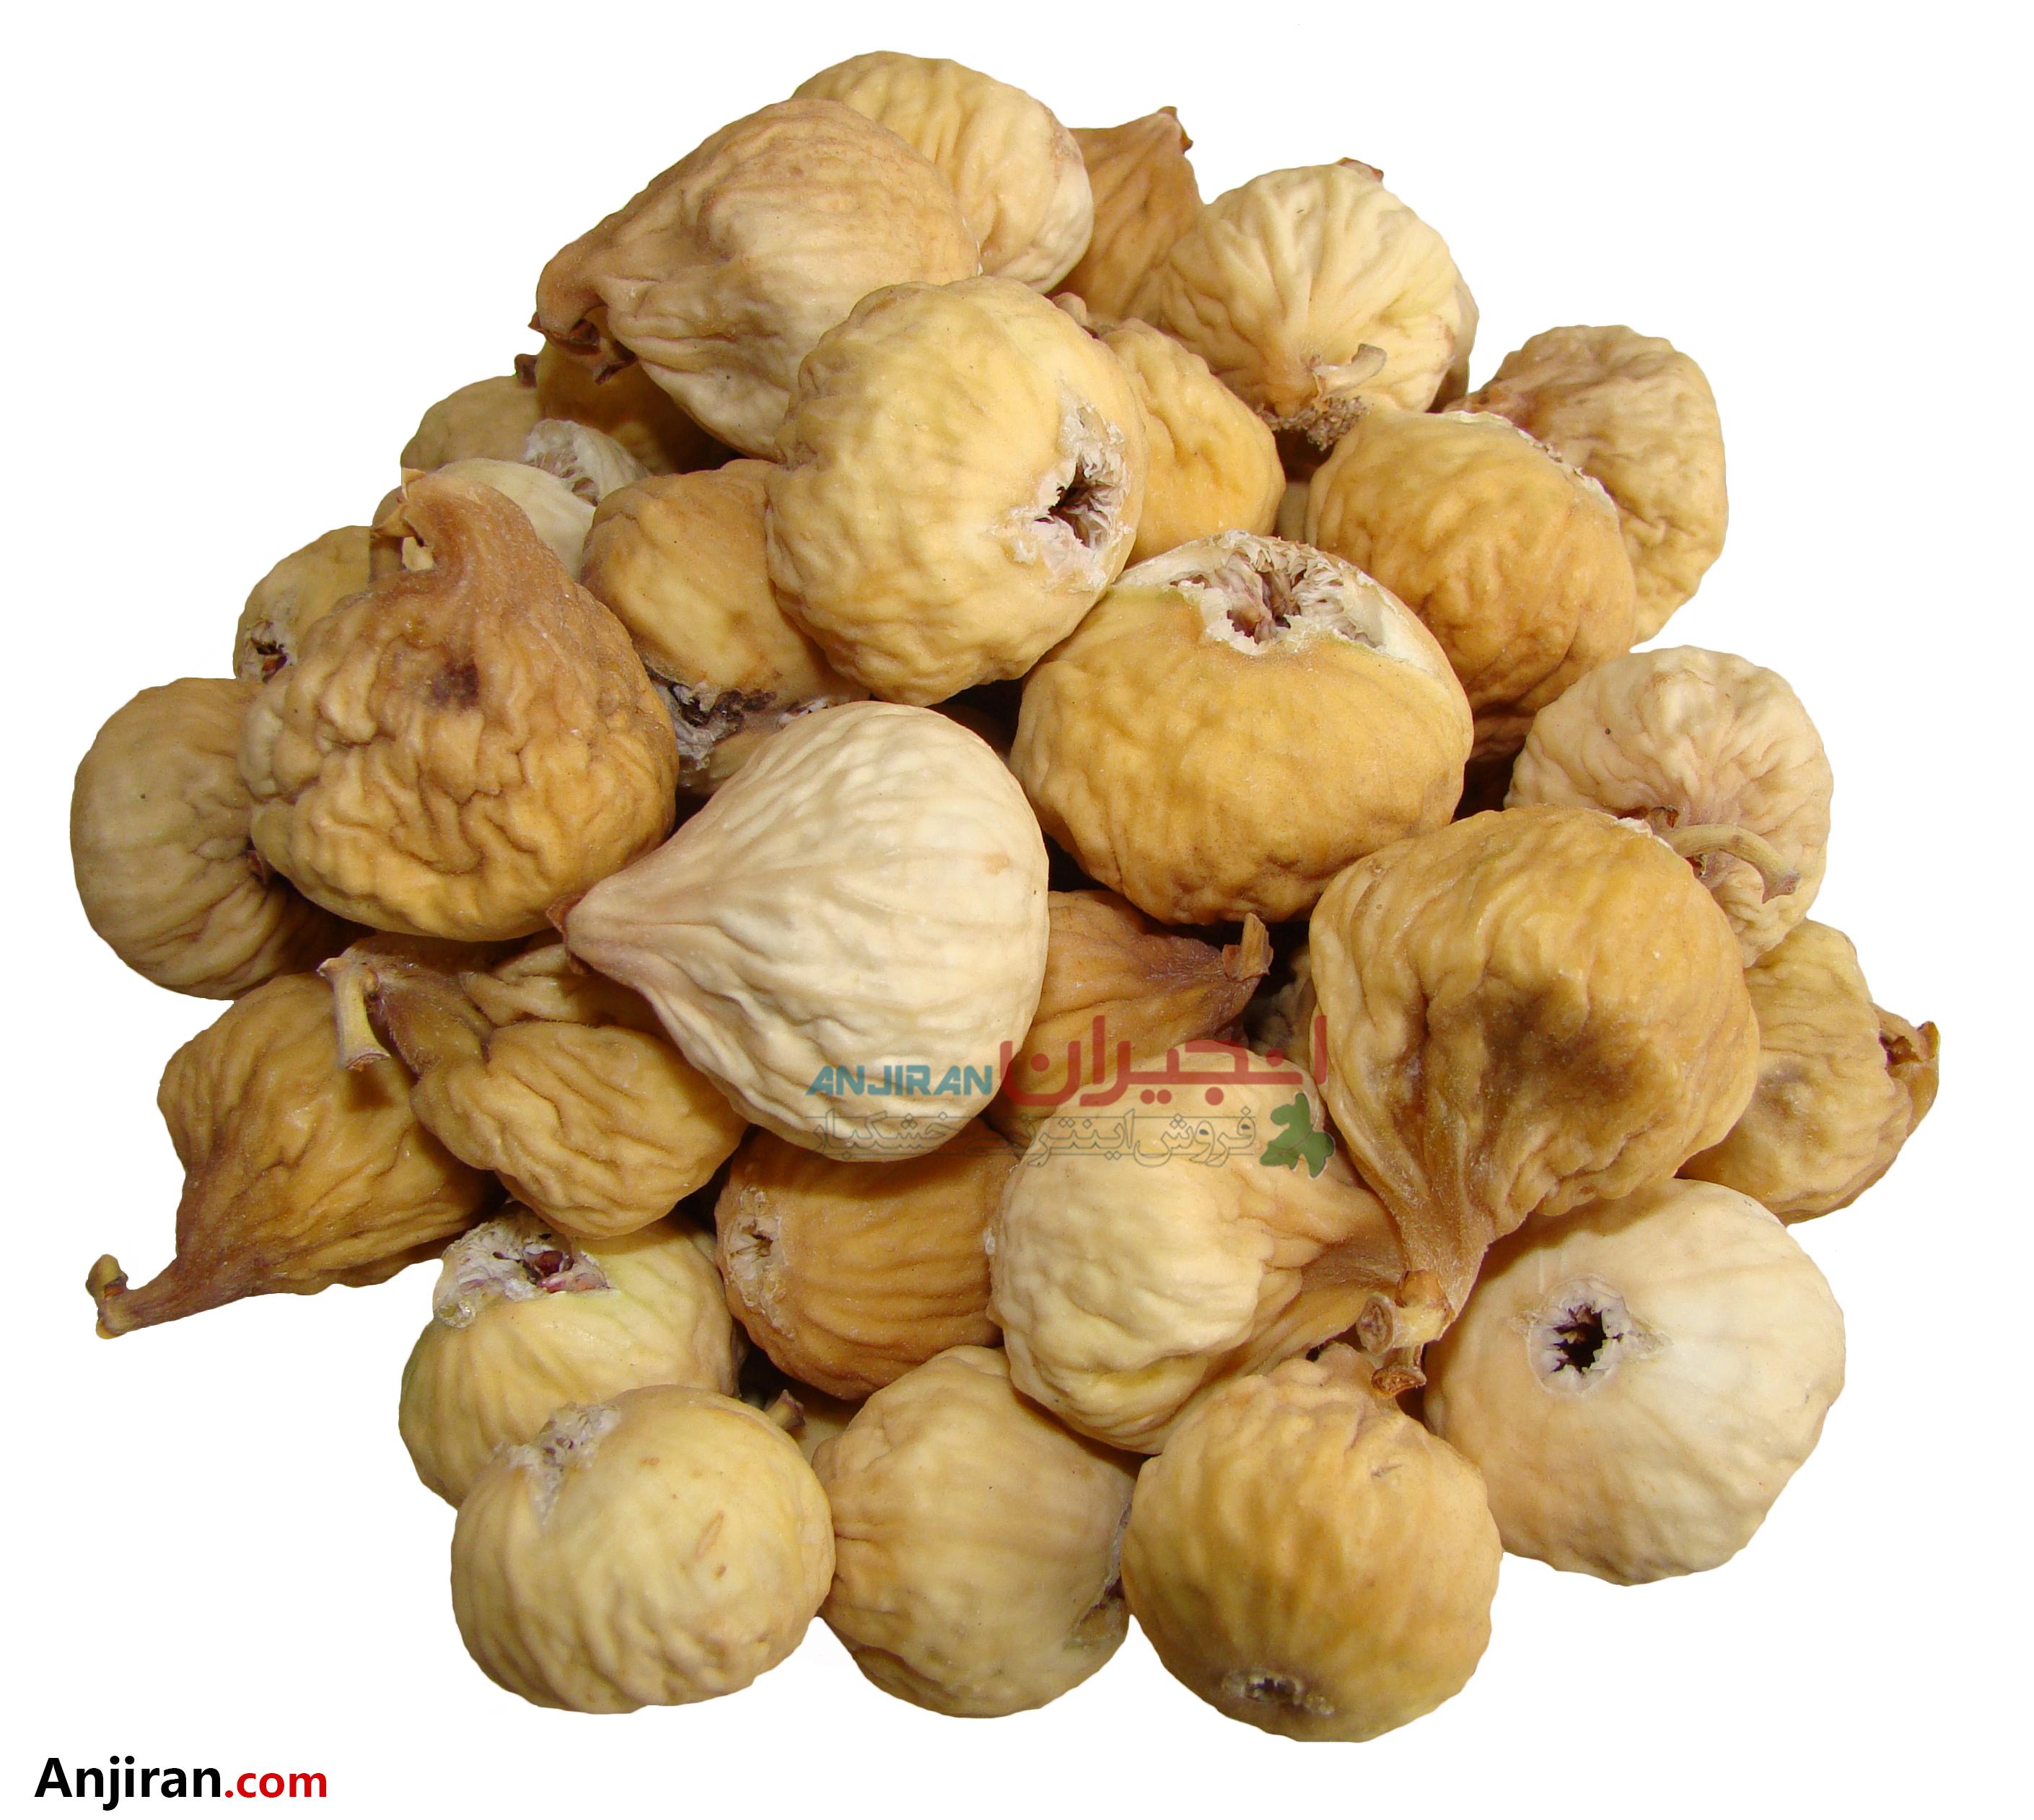 انجیر خشک صدیک - صد ویک AA - Superior Dried Figs